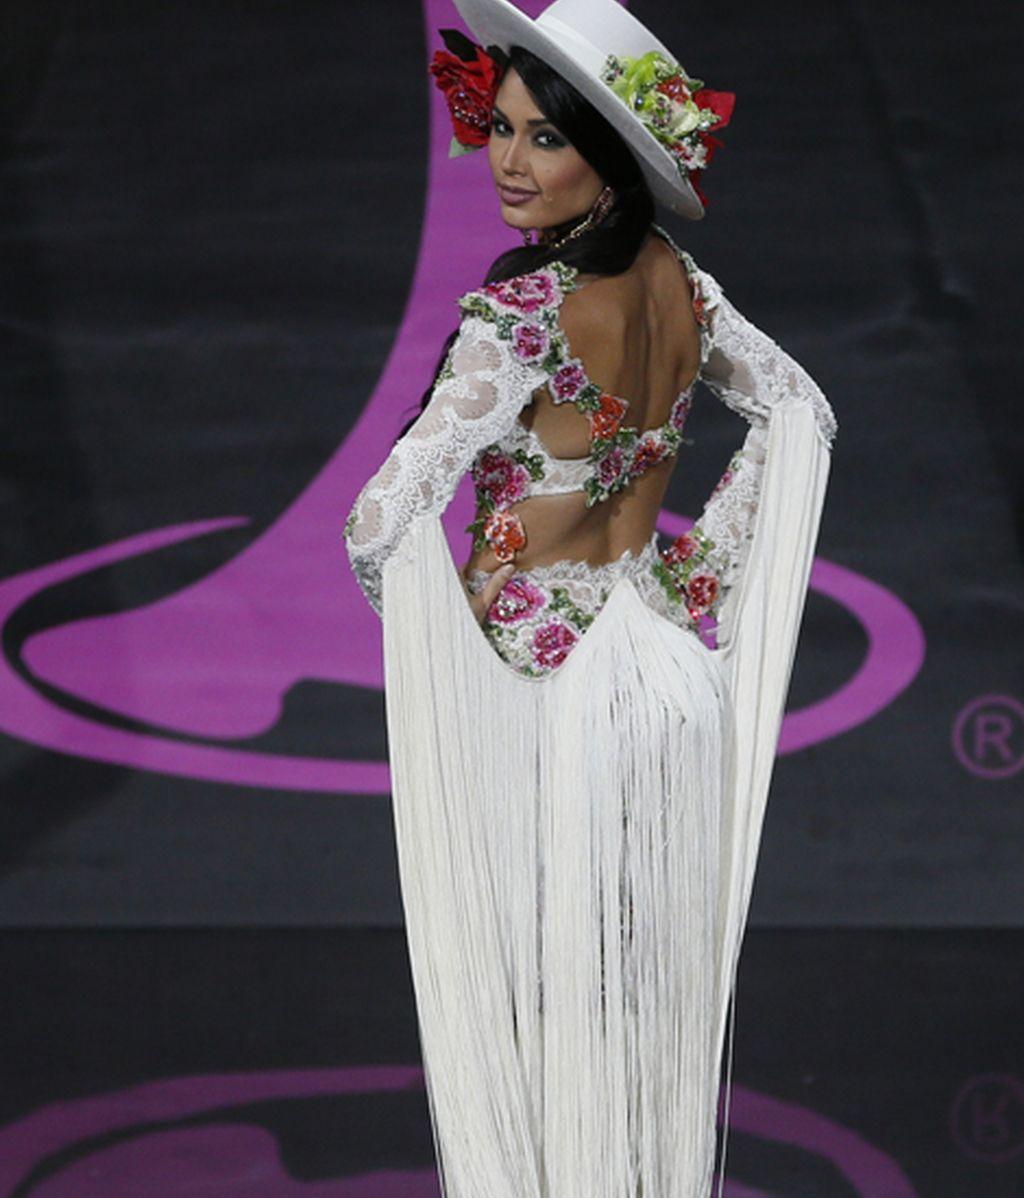 La española Patricia Yurena segunda en el certamen Miss Universo